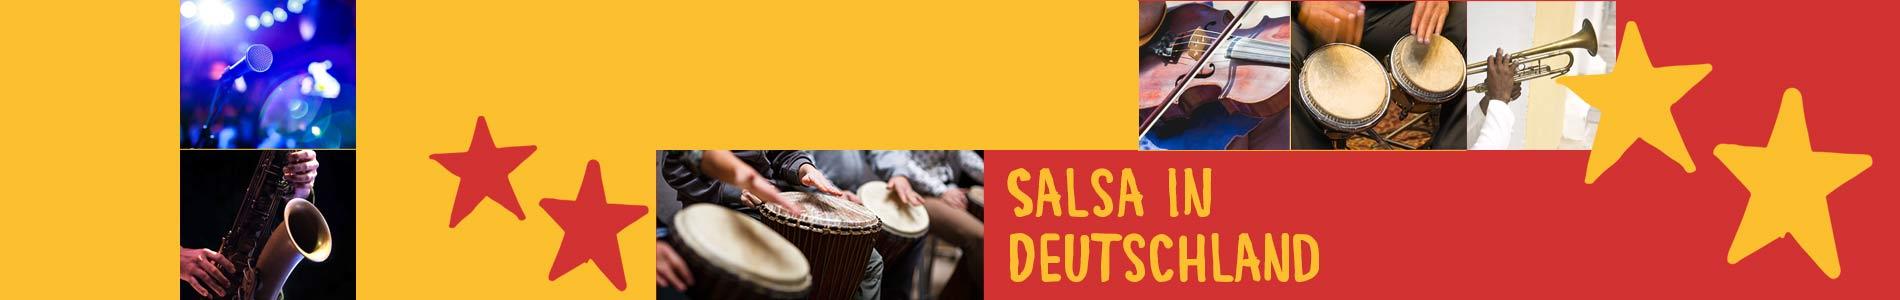 Salsa in Deckenpfronn – Salsa lernen und tanzen, Tanzkurse, Partys, Veranstaltungen